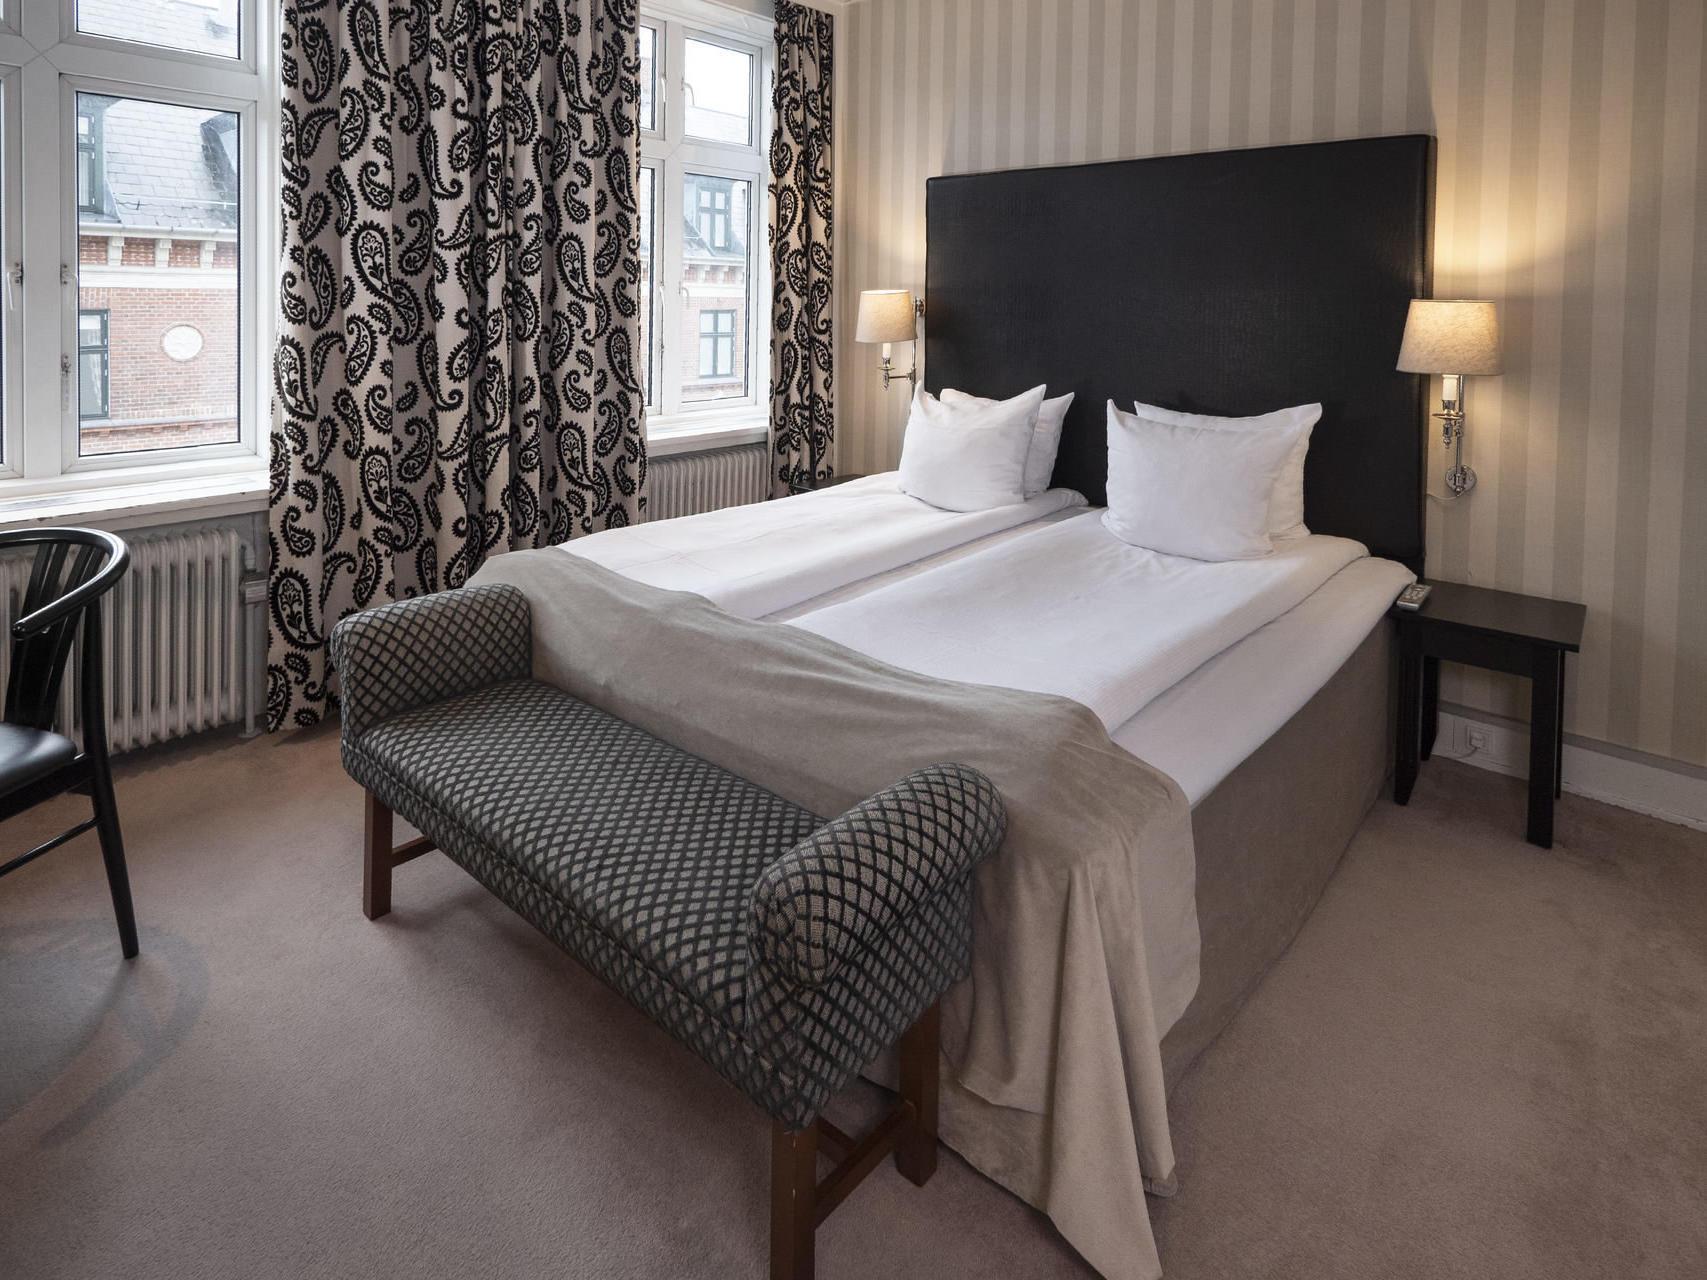 Standard Double Room at Hotel Mayfair Copenhagen